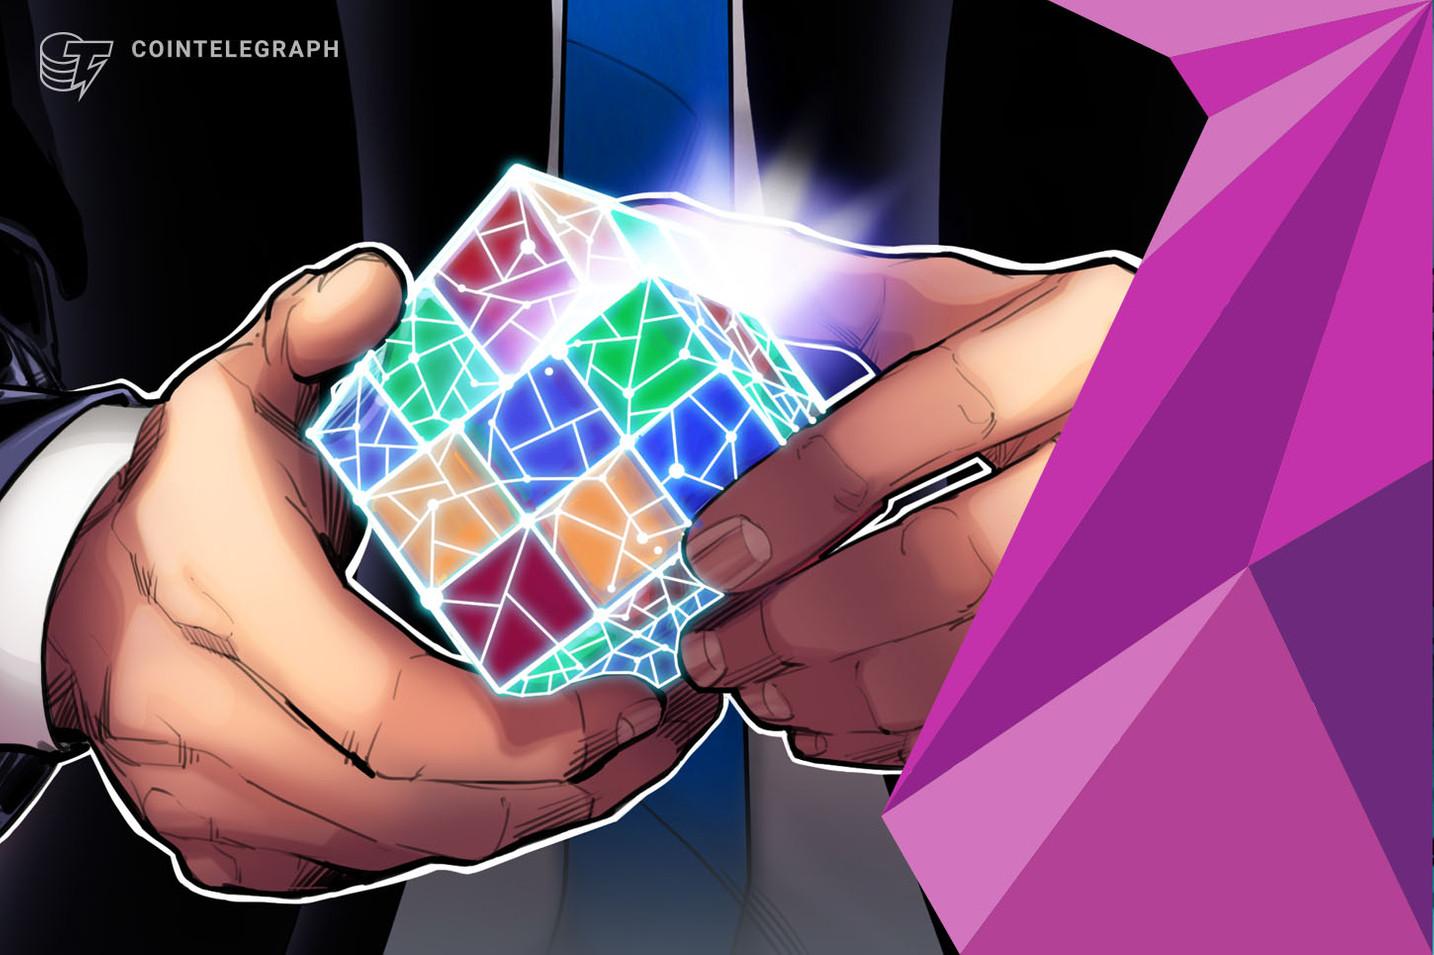 Blockchain Teknolojisi, Ölçeklenebilirlik ve Merkezsizleşme Arasında Bir Çekişme ile Karşı Karşıya